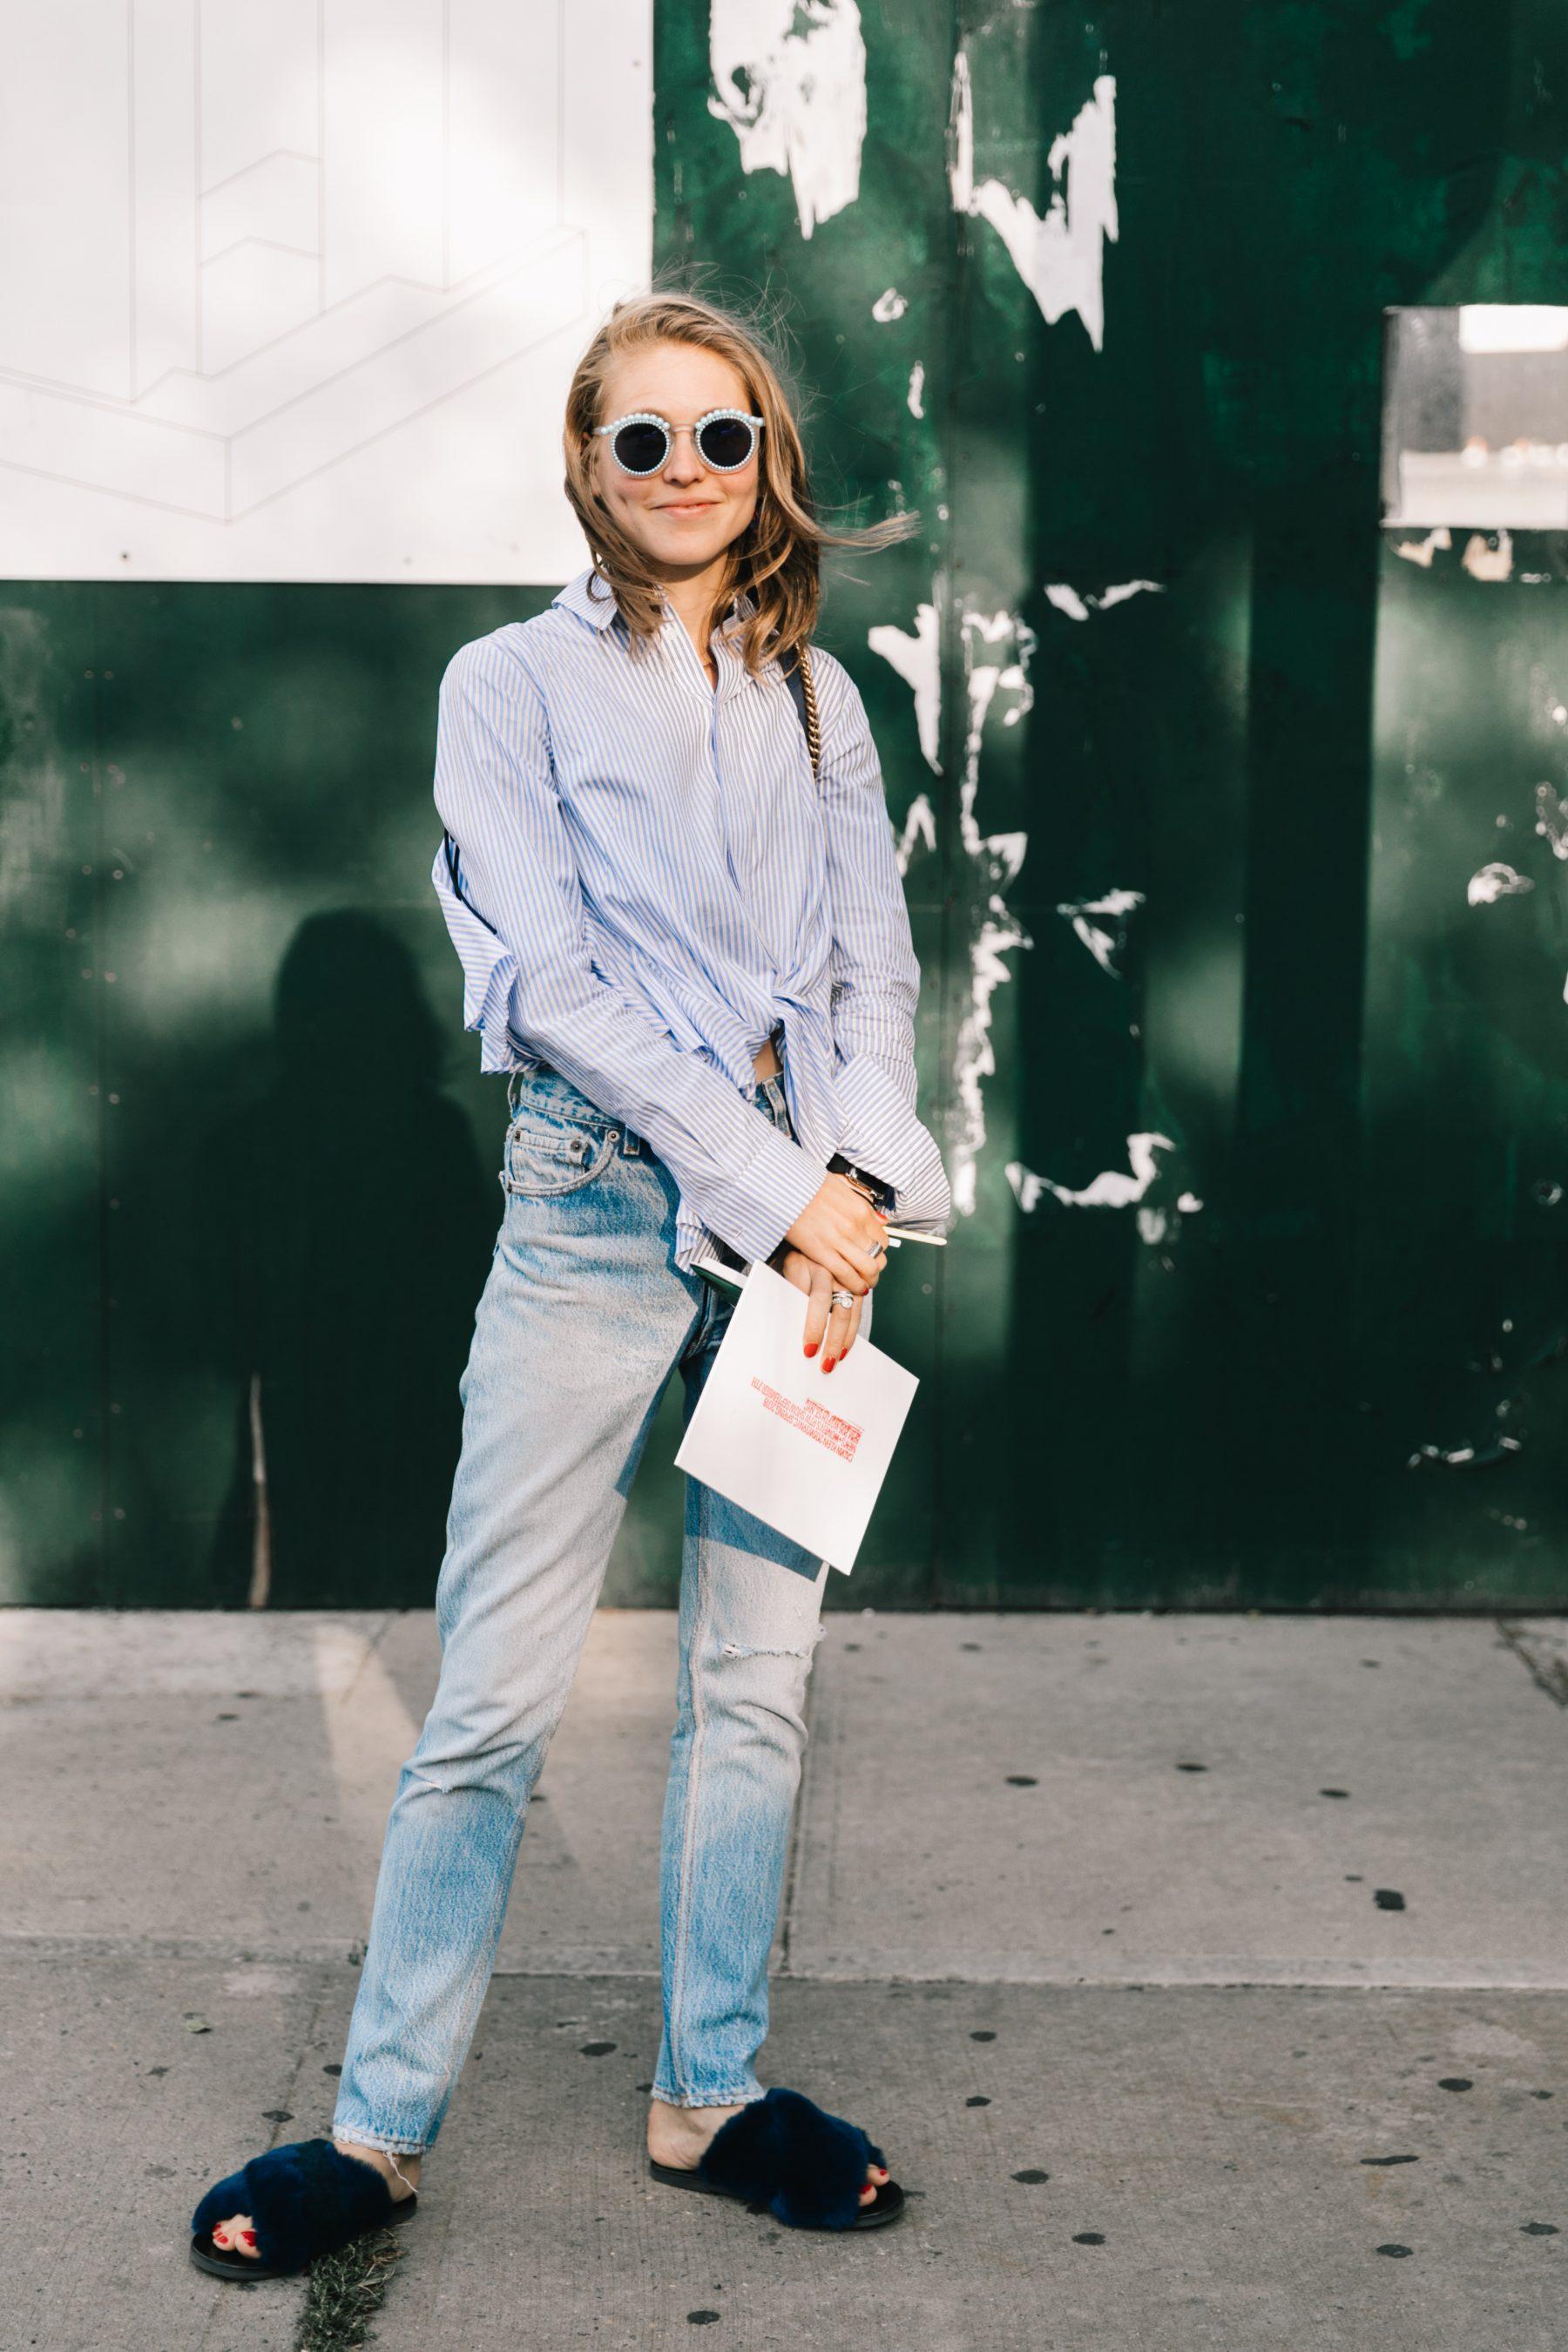 phong cách thời trang đơn giản với quần jeans và áo sơ mi